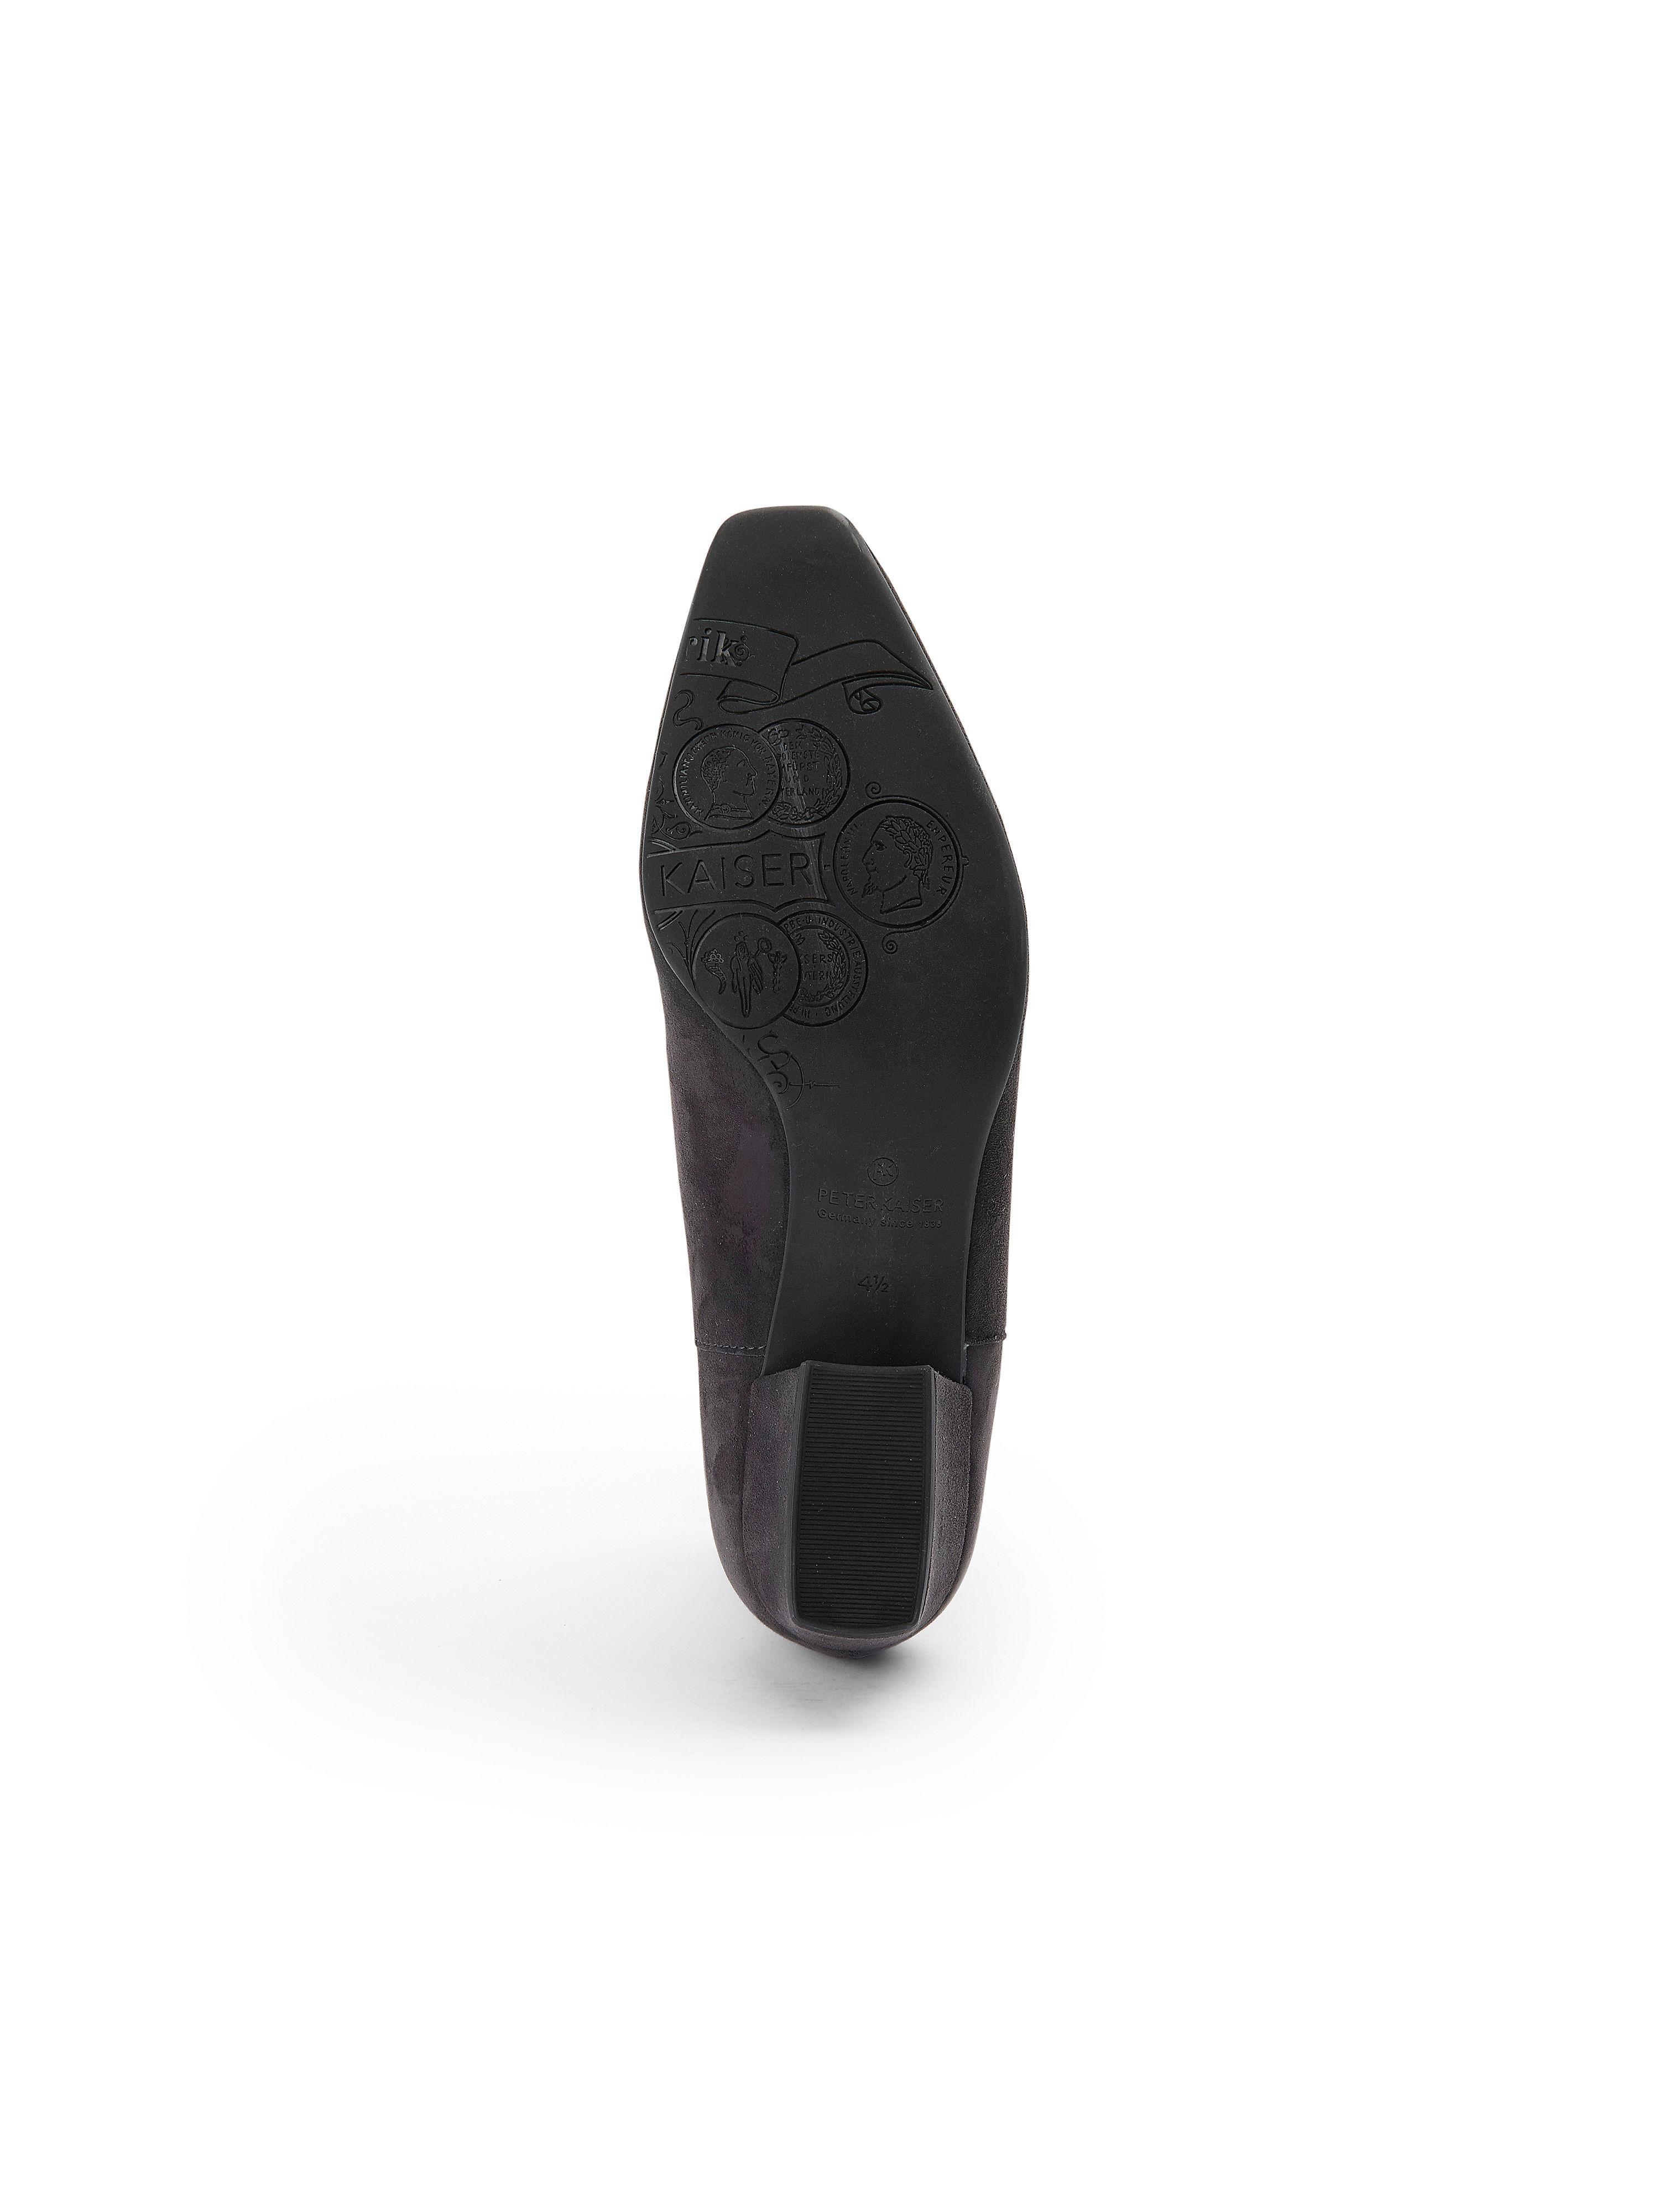 Peter Kaiser Gute - Stiefelette DESIRA - Carbongrau Gute Kaiser Qualität beliebte Schuhe dbe057